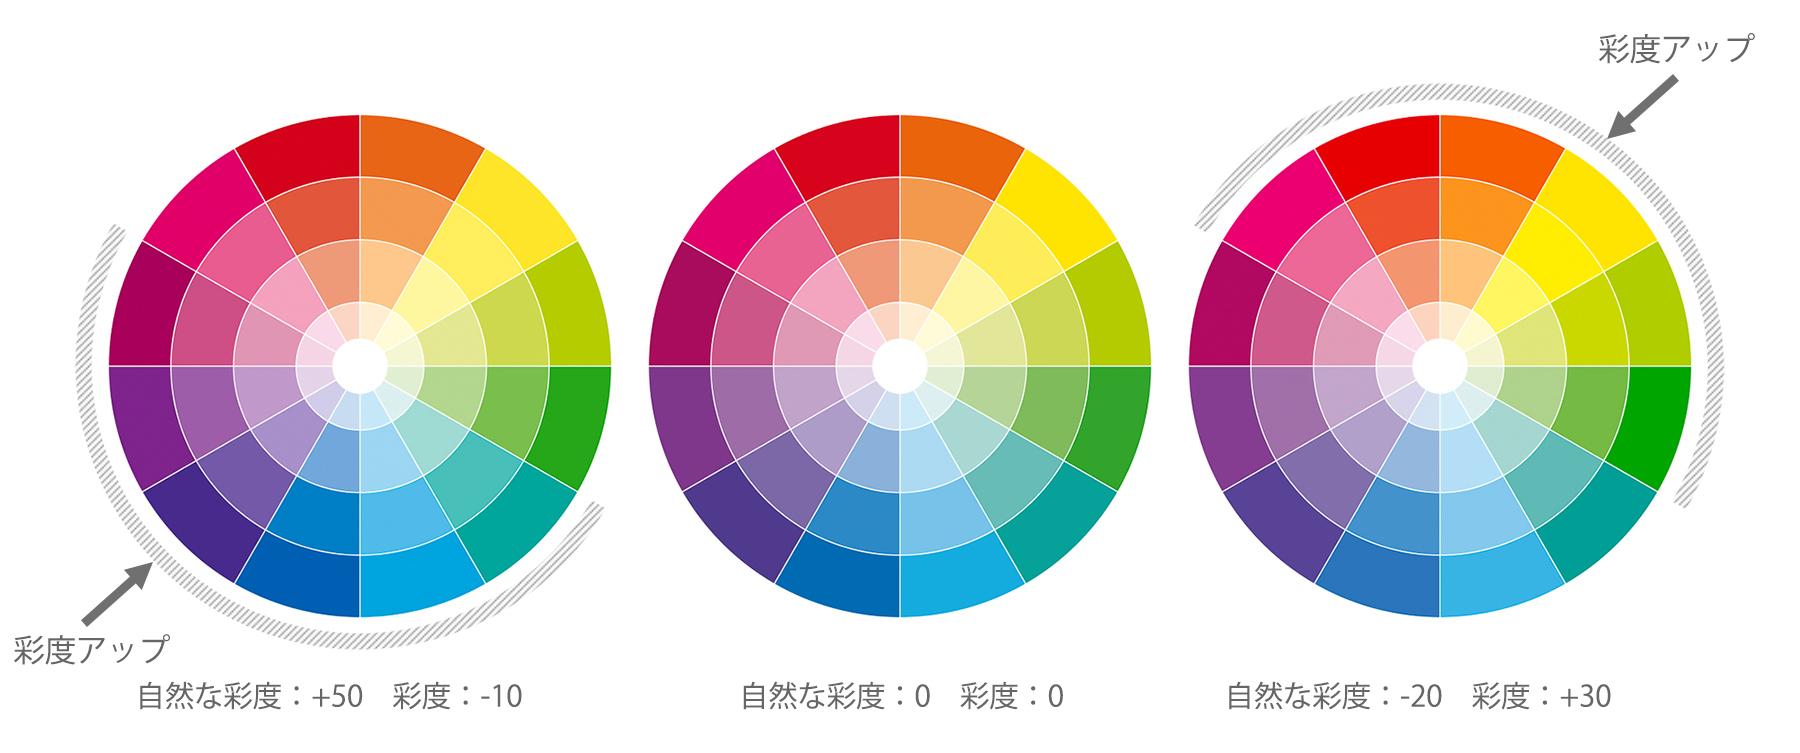 自然な彩度とサイド-合わせ技